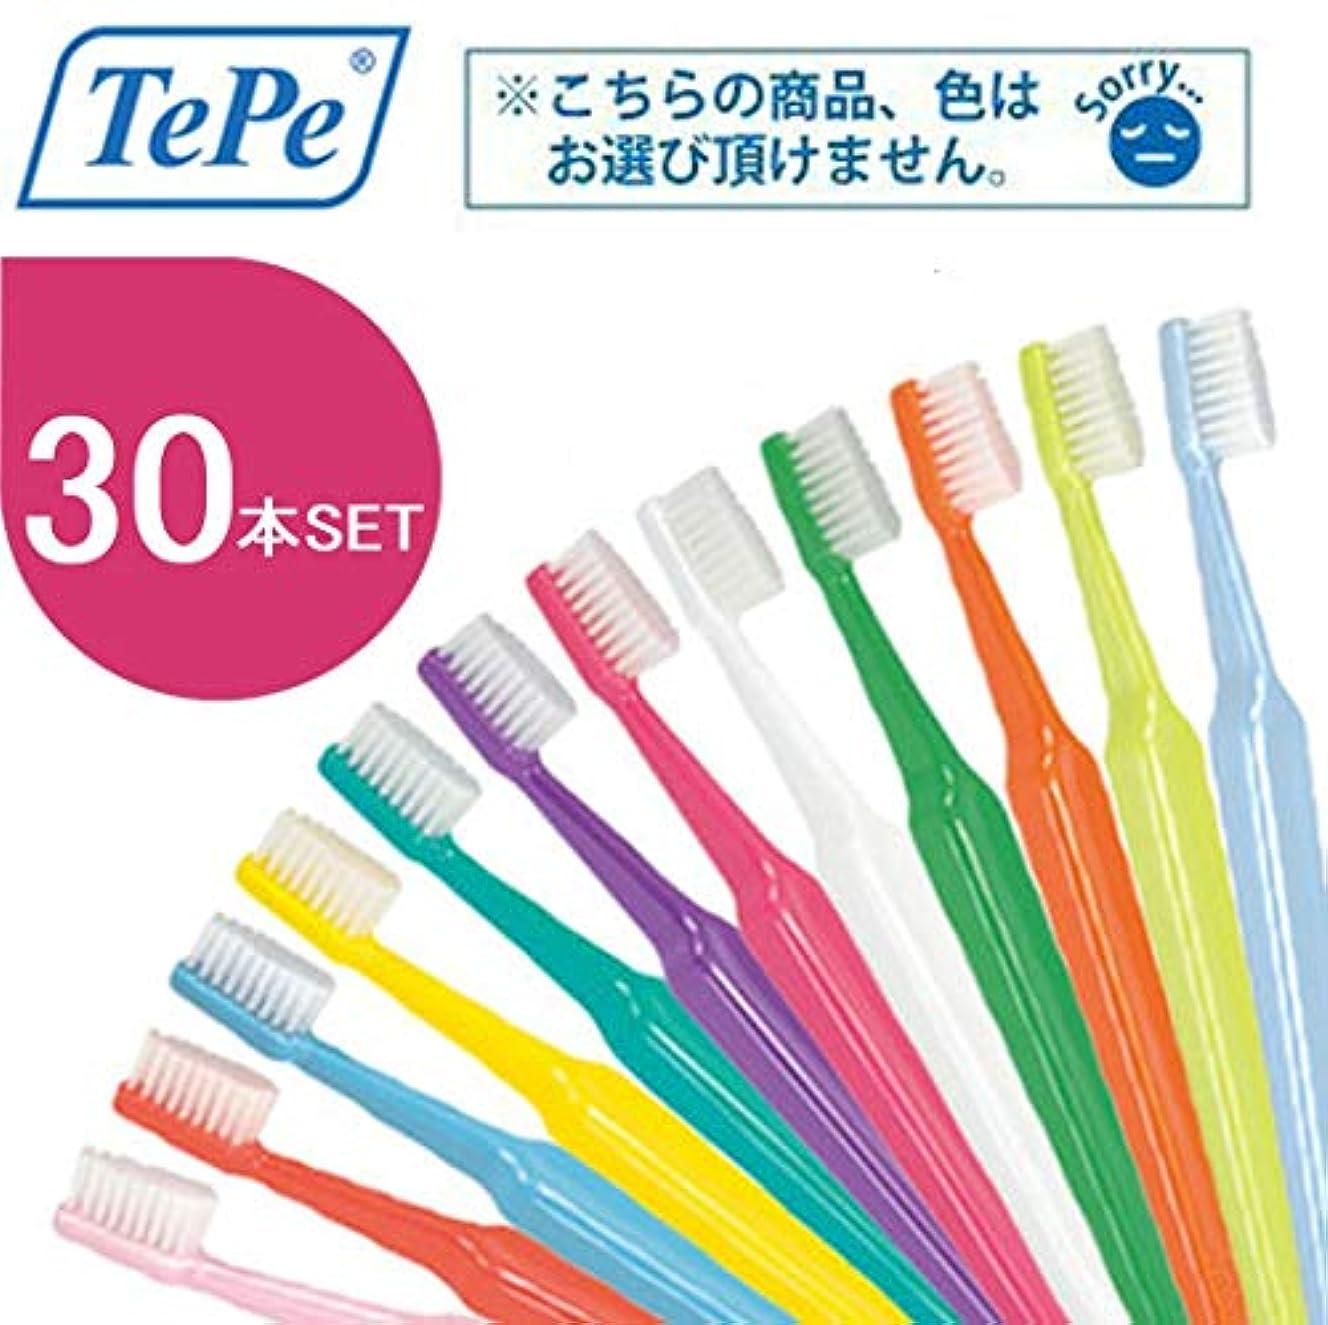 逸脱信じる類推クロスフィールド TePe テペ セレクト 歯ブラシ 30本 (エクストラソフト)